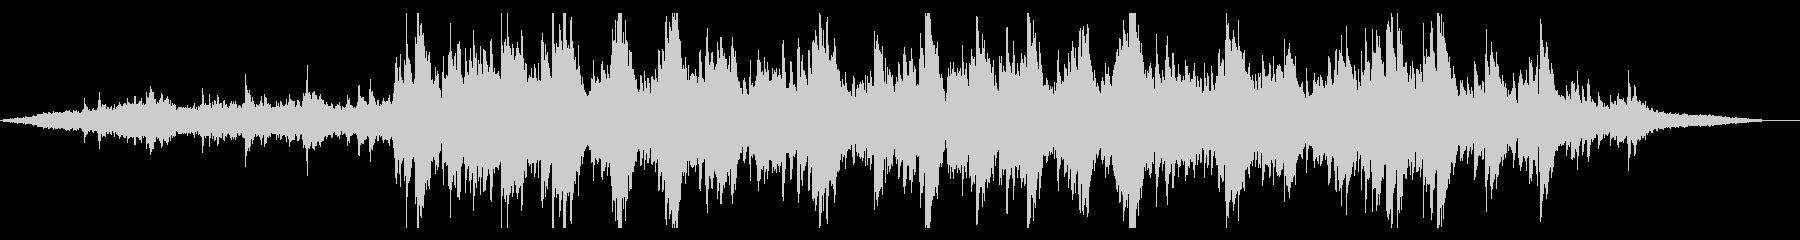 爽やかで抽象的なピアノアンビエントの未再生の波形